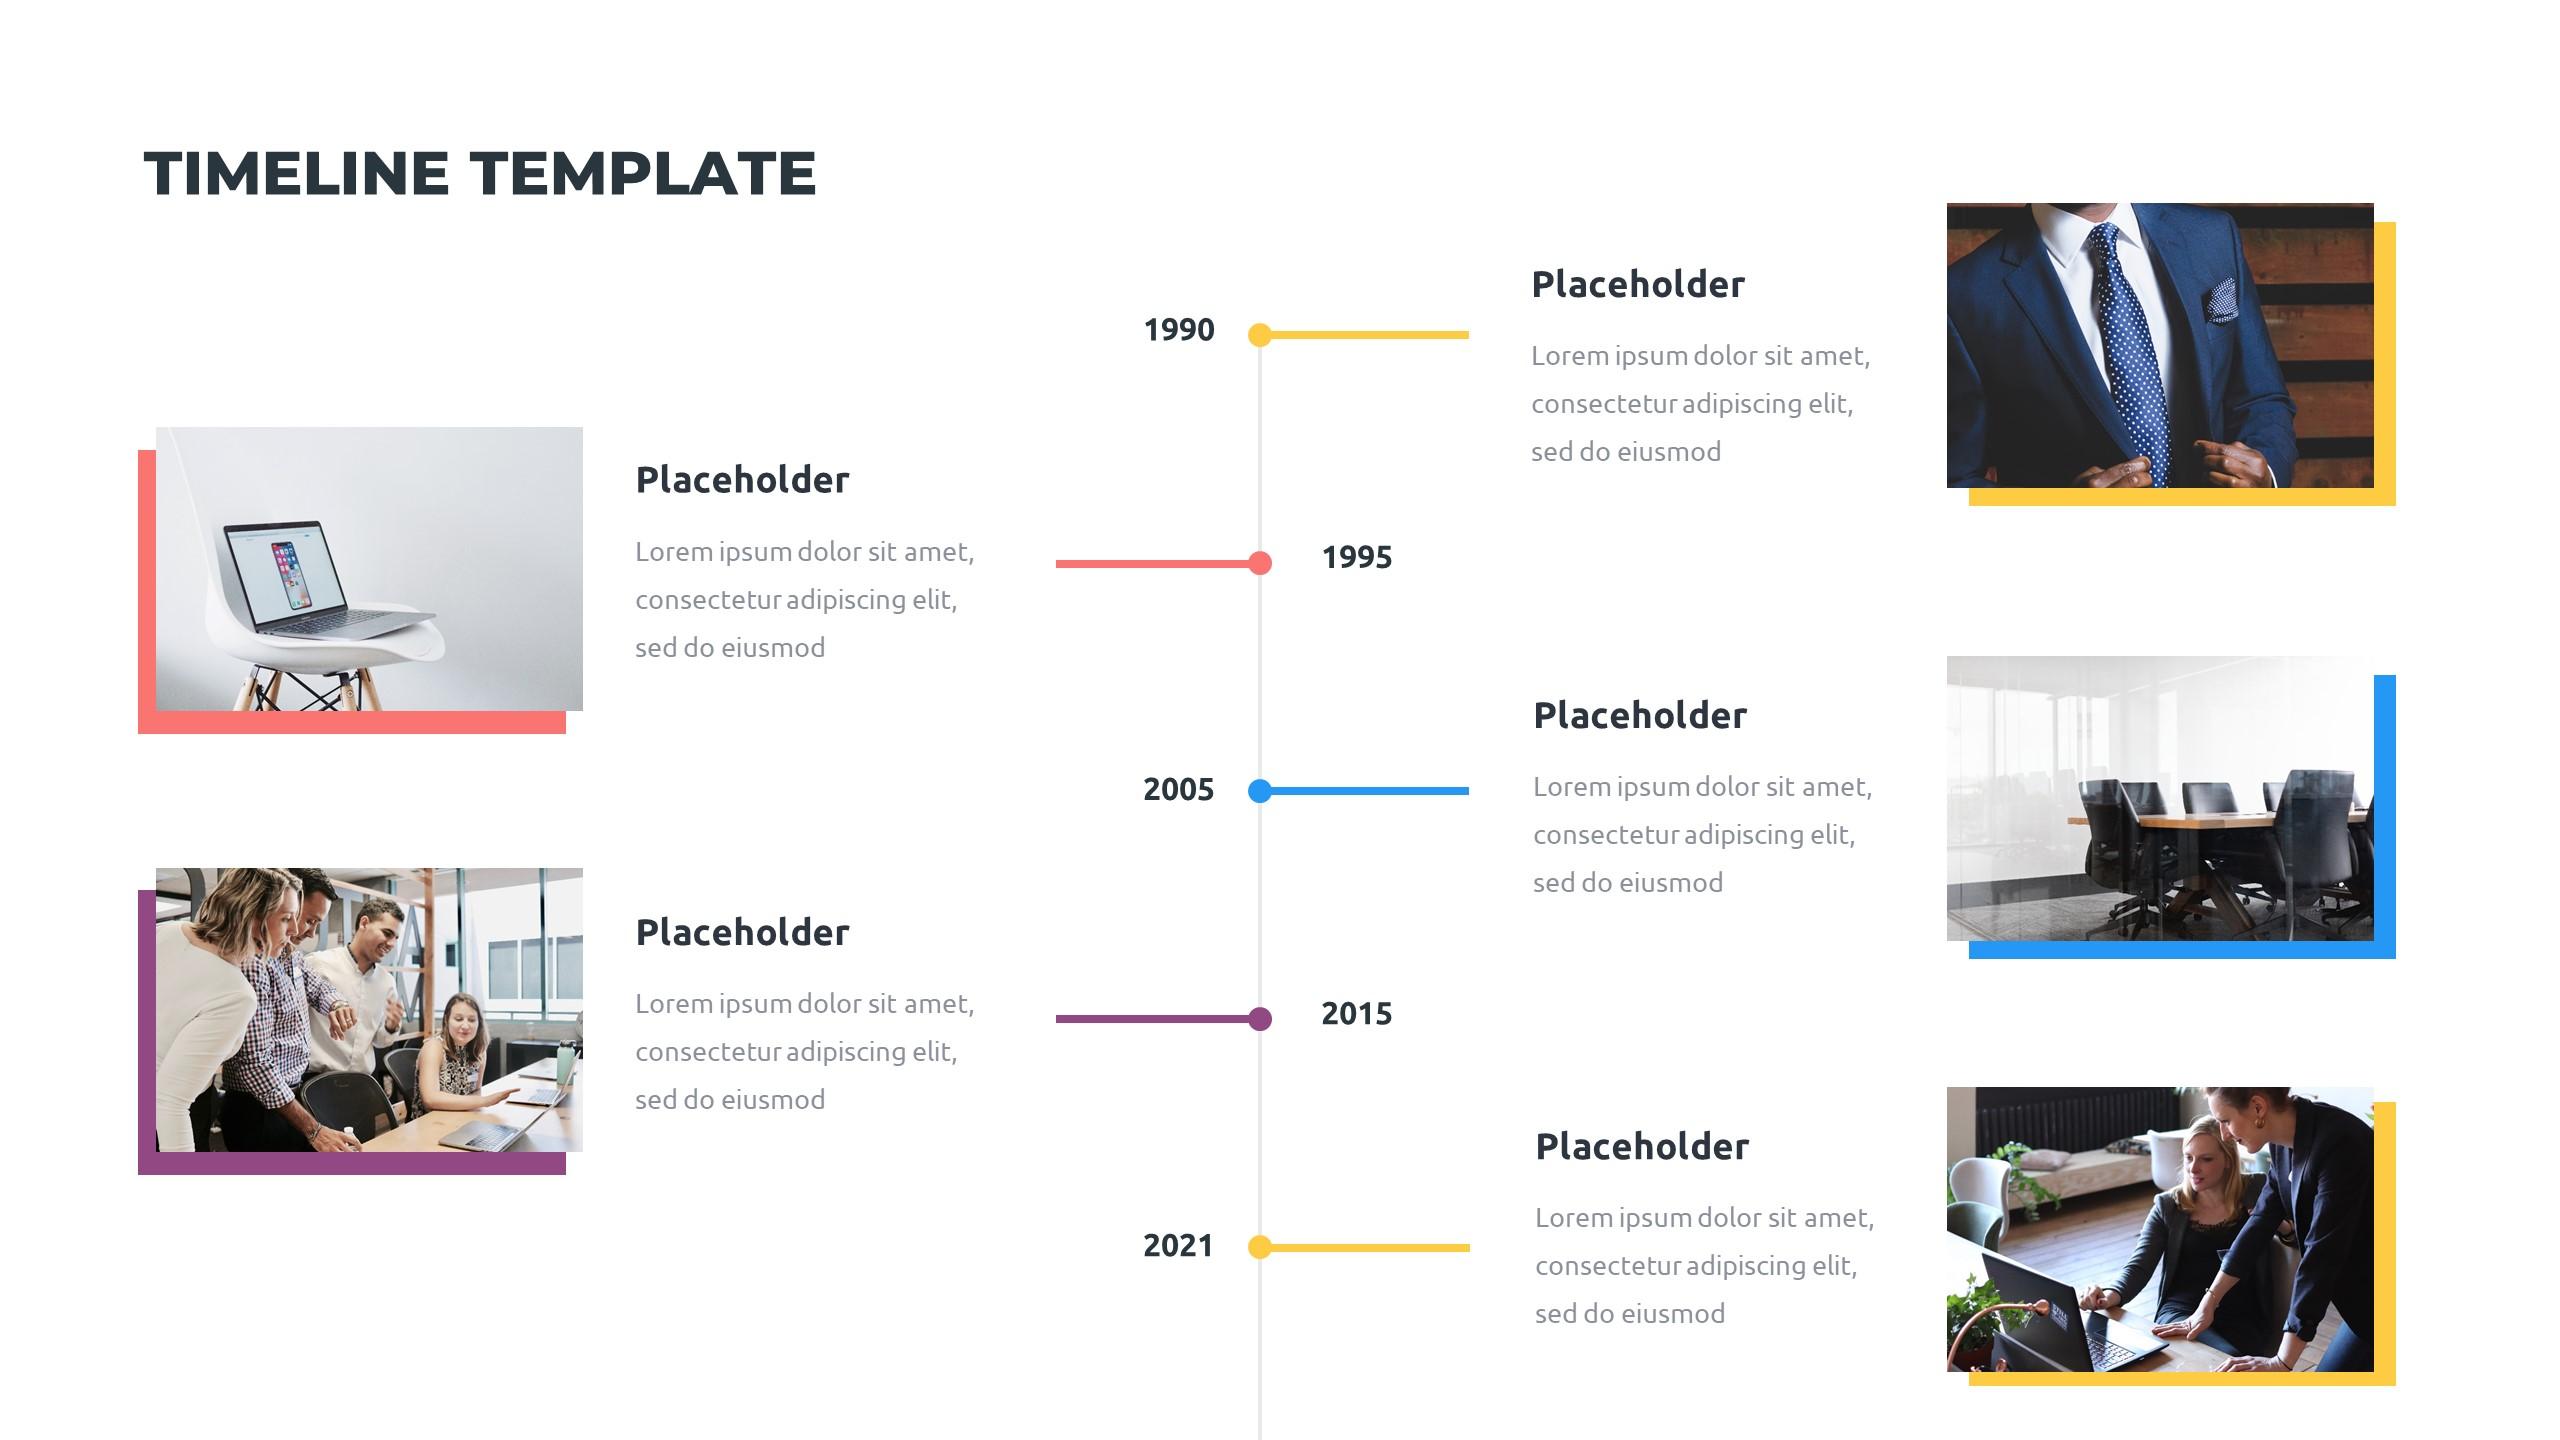 36 Timeline Presentation Templates: Powerpoint, Google Slides, Keynote - Slide7 1